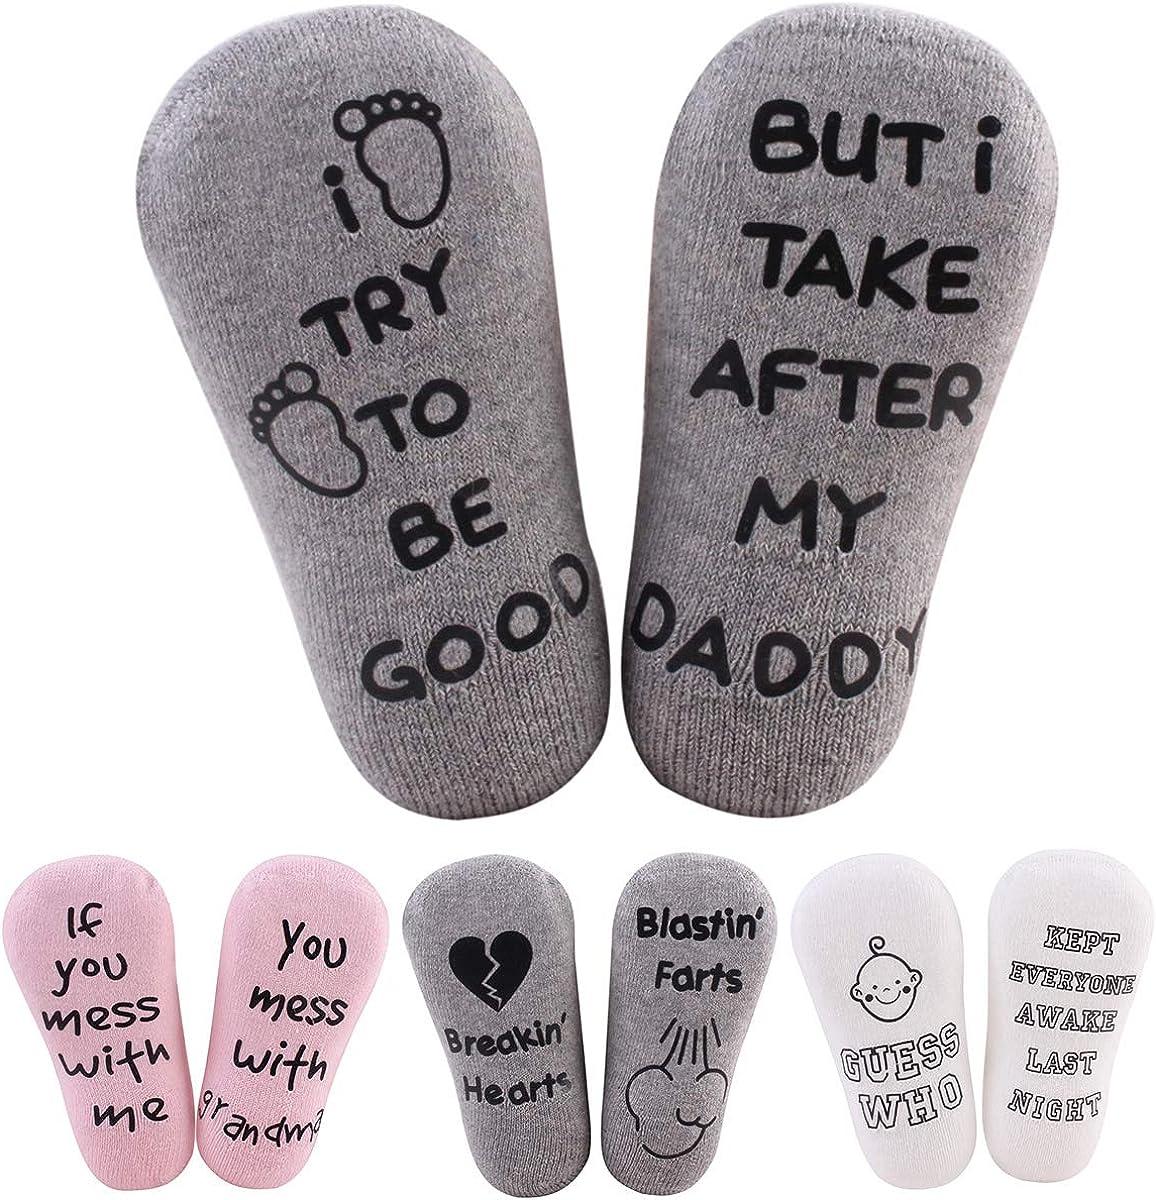 DaMohony Juego 4 pares de calcetines para beb/és calcetines de algod/ón el/ástica transpirable peinado cotizaciones divertidas Regalo de Baby Shower bautizo para beb/és de 0-12 meses